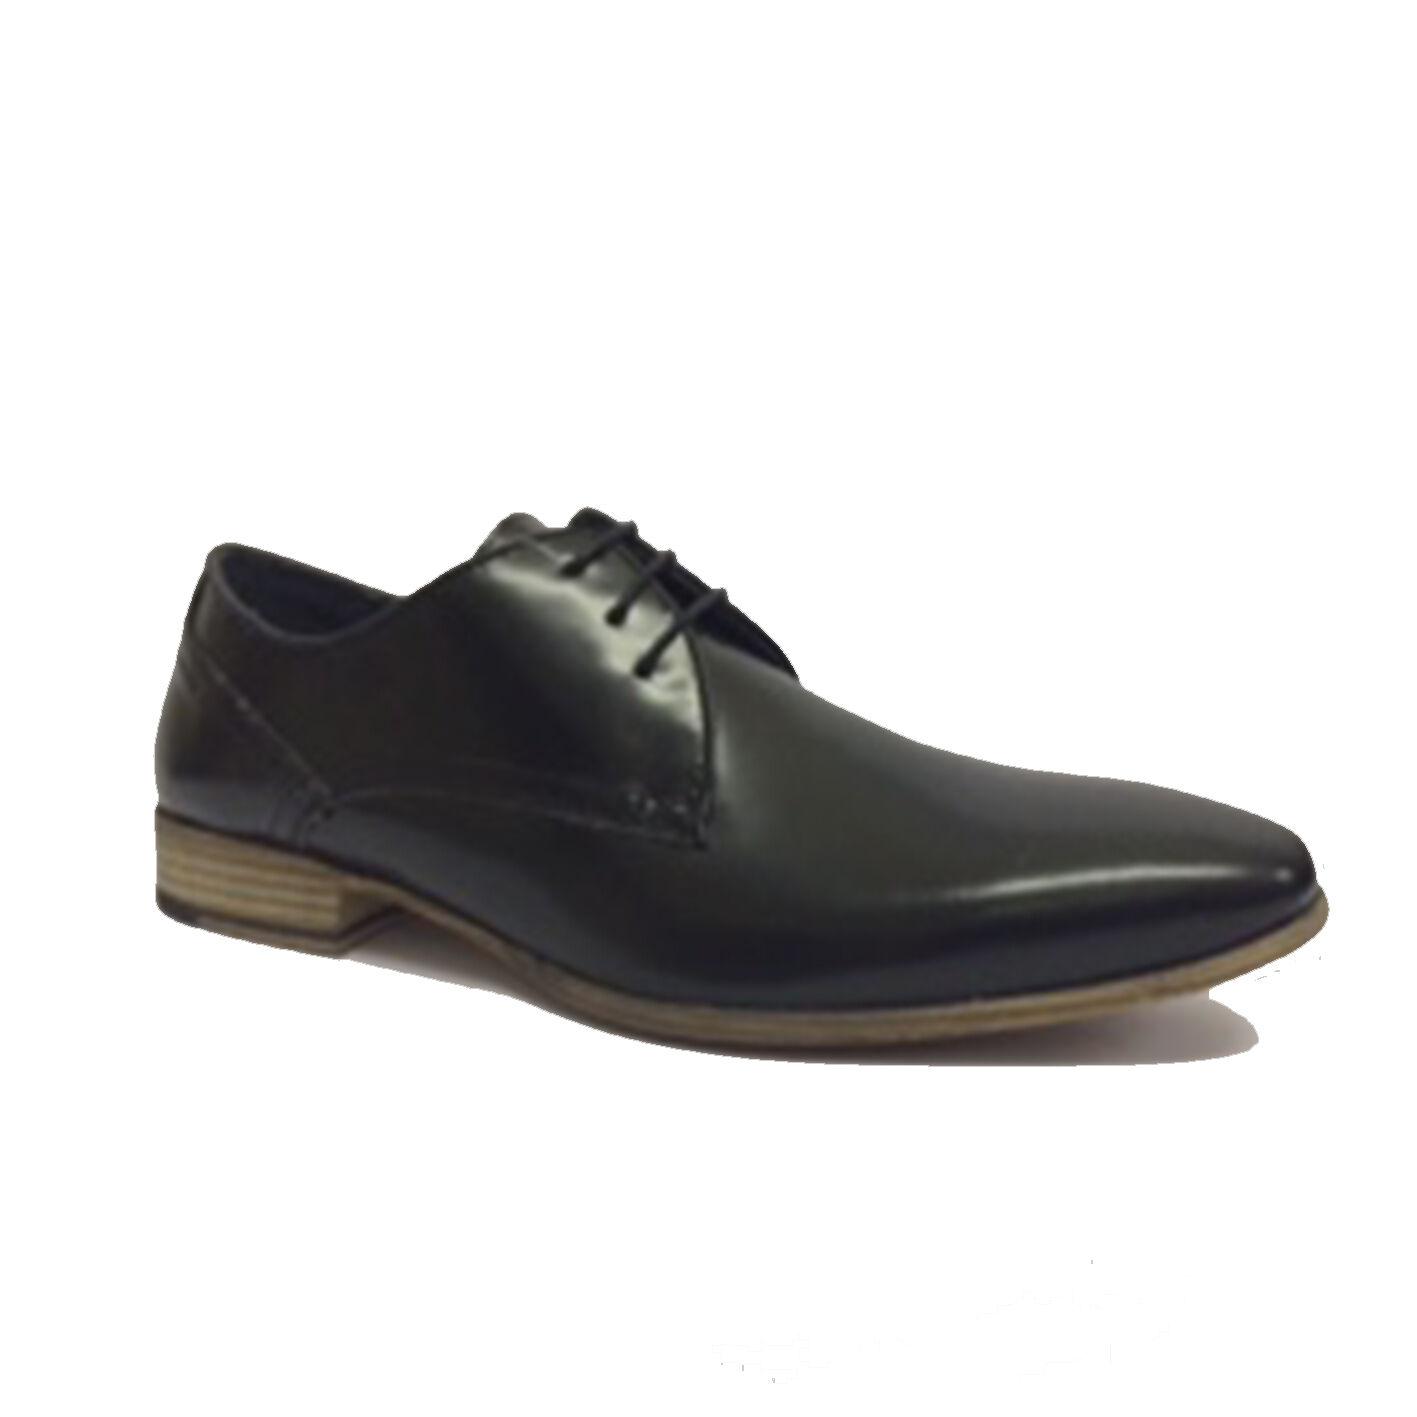 Zapatos de mujer baratos zapatos de mujer Zapatos para hombre Cuero Real De Espiga Smart Retro Con Cordones derbysize 6 7 8 9 10 11